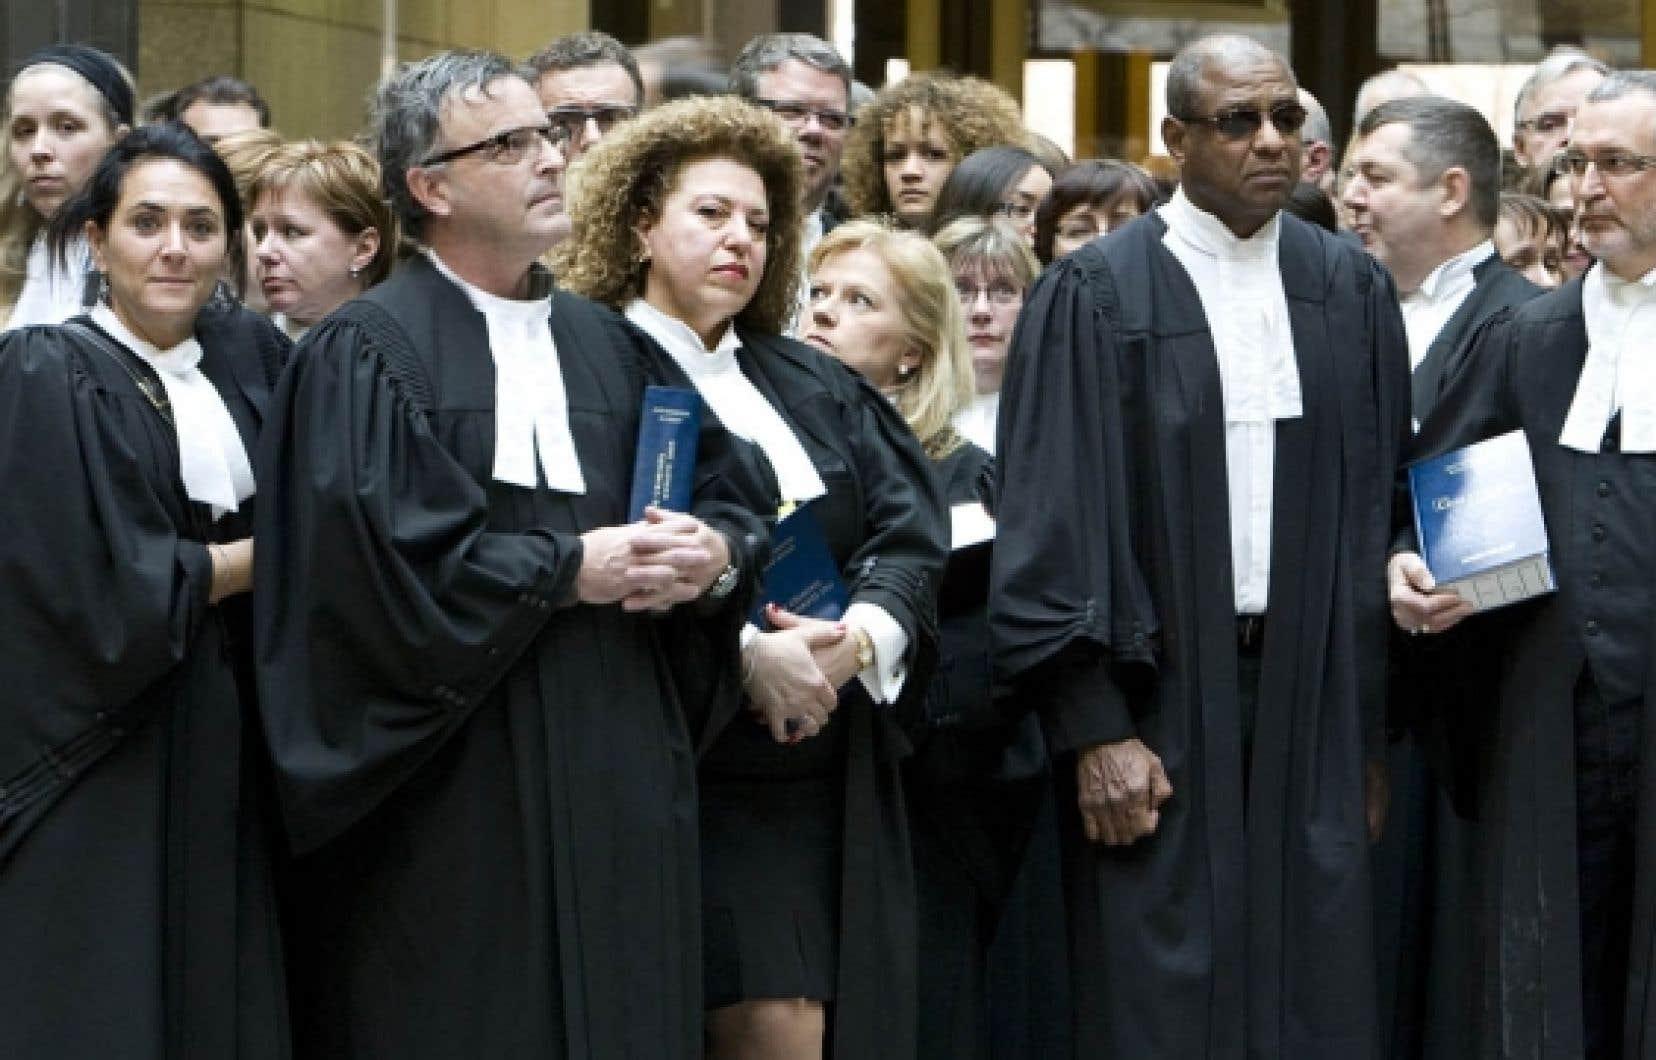 À Montréal, plus de 150 procureurs ont marché silencieusement dans la salle des pas perdus, au palais de justice, pour marquer leur première journée de grève.<br />